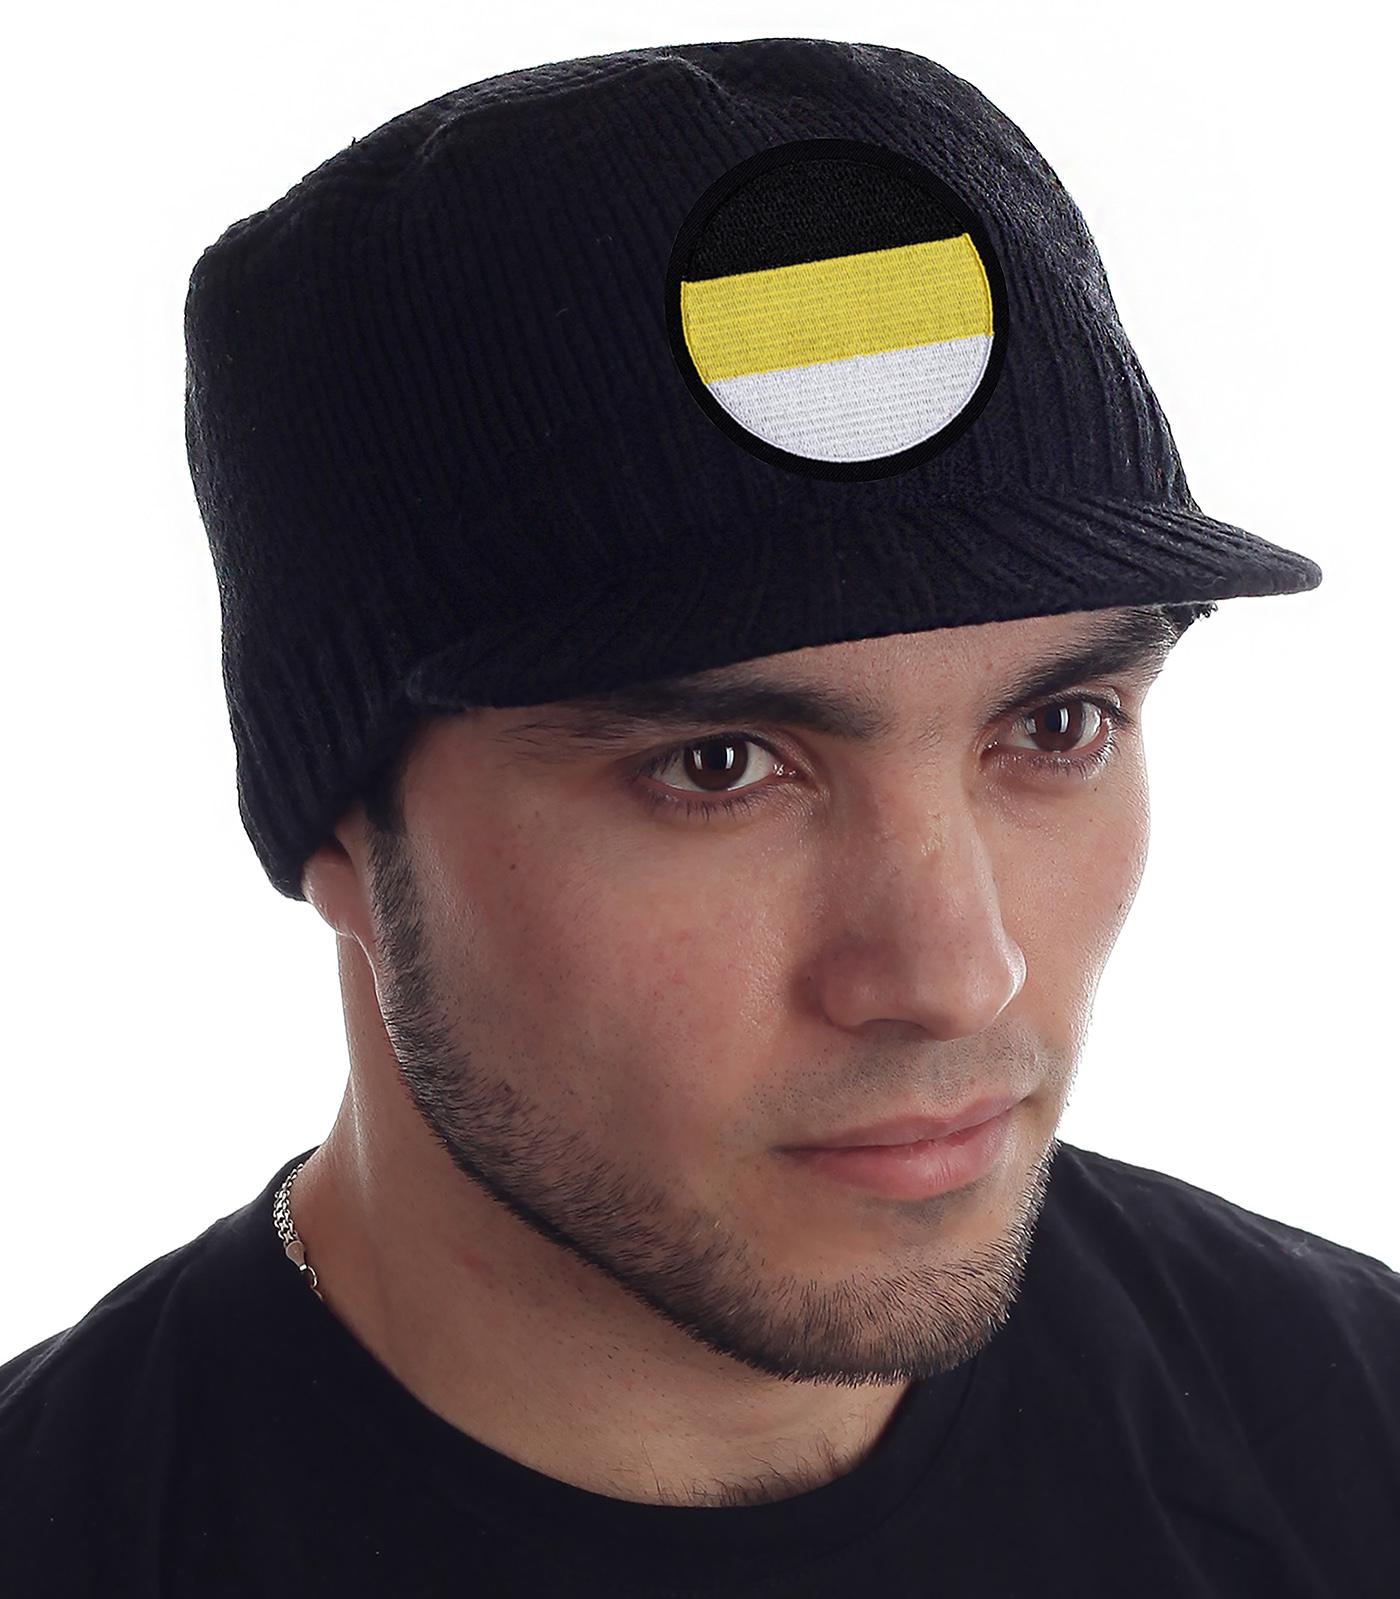 Недорогие теплые шапки кепки для парней и мужчин. Фасон подходит всем!